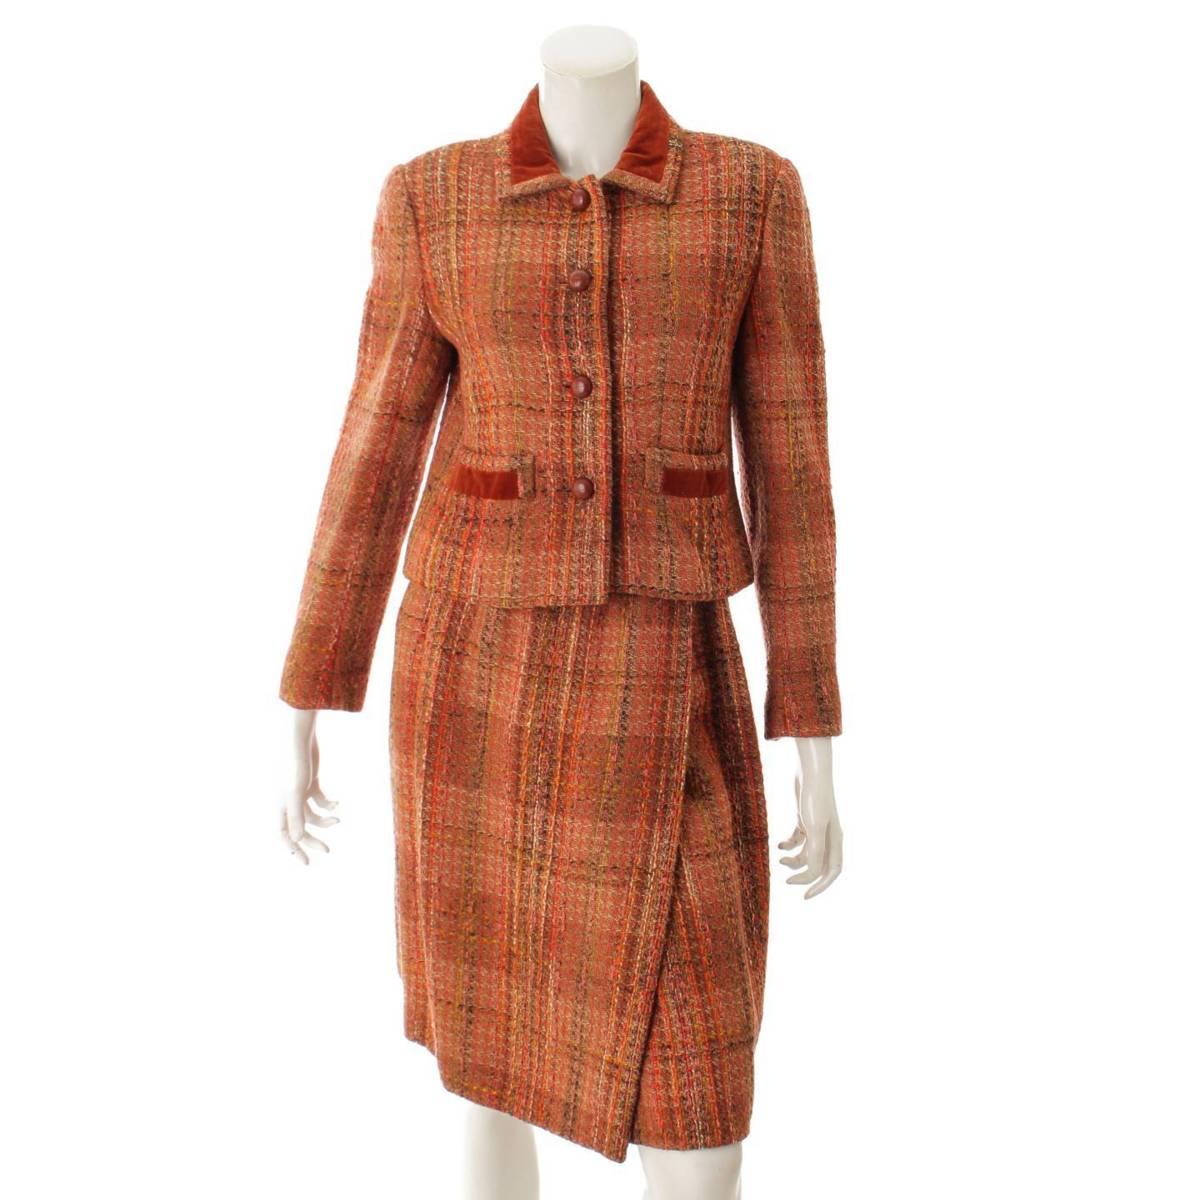 【シャネル】Chanel ミックスツイード ジャケット ラップスカート スーツ セットアップ ブラウン 8 【中古】【鑑定済・正規品保証】86422